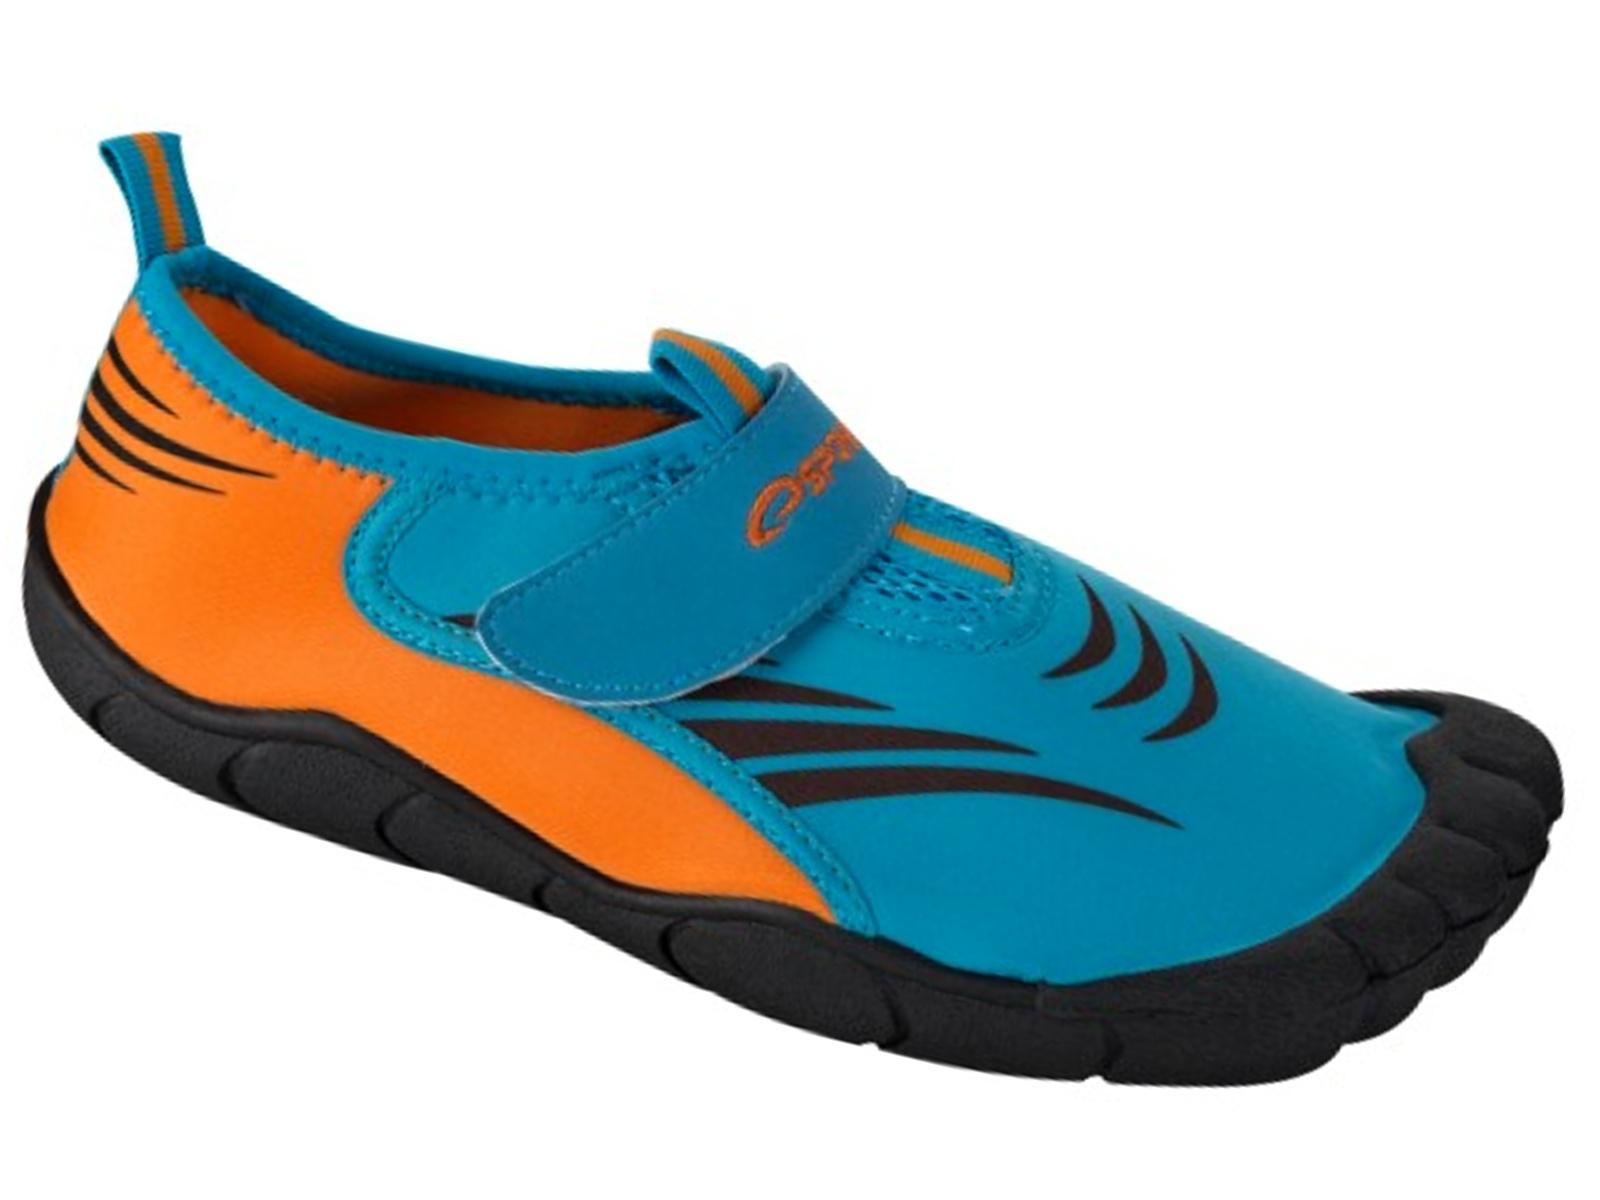 Boty do vody SPOKEY Seafoot pánské - vel. 45